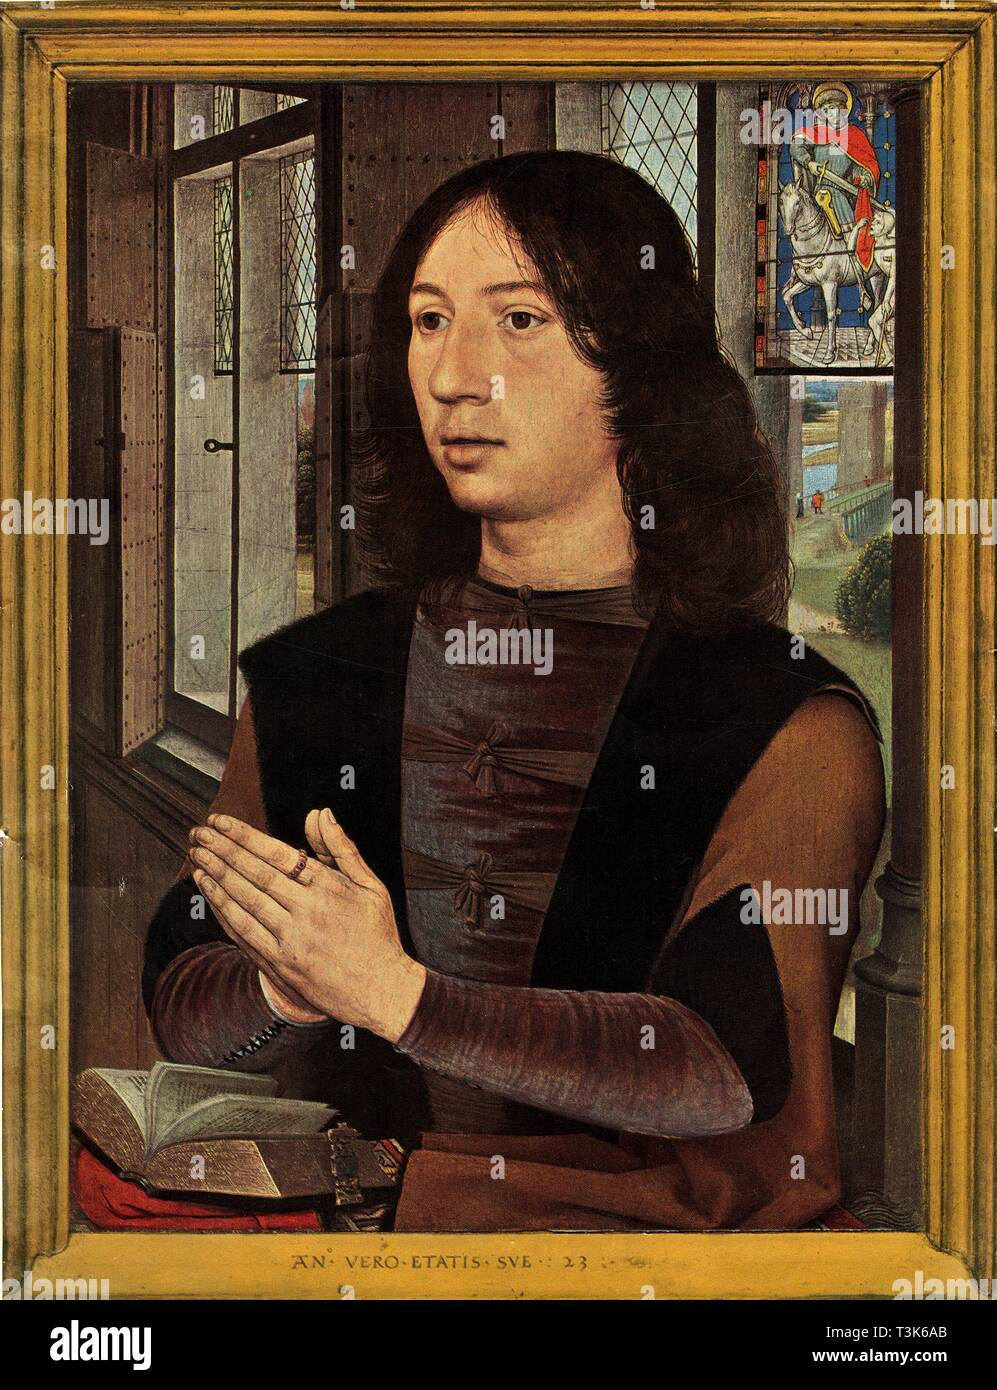 """"""" Ritratto di De Martin Van Nieuwenhowen', 1478. Nel 1490s, Van Nieuwenhove è stata successivamente un consigliere della città, il capitano della guardia civica e nel 1498 il sindaco di Bruges. Olio su pannello. Immagini Stock"""